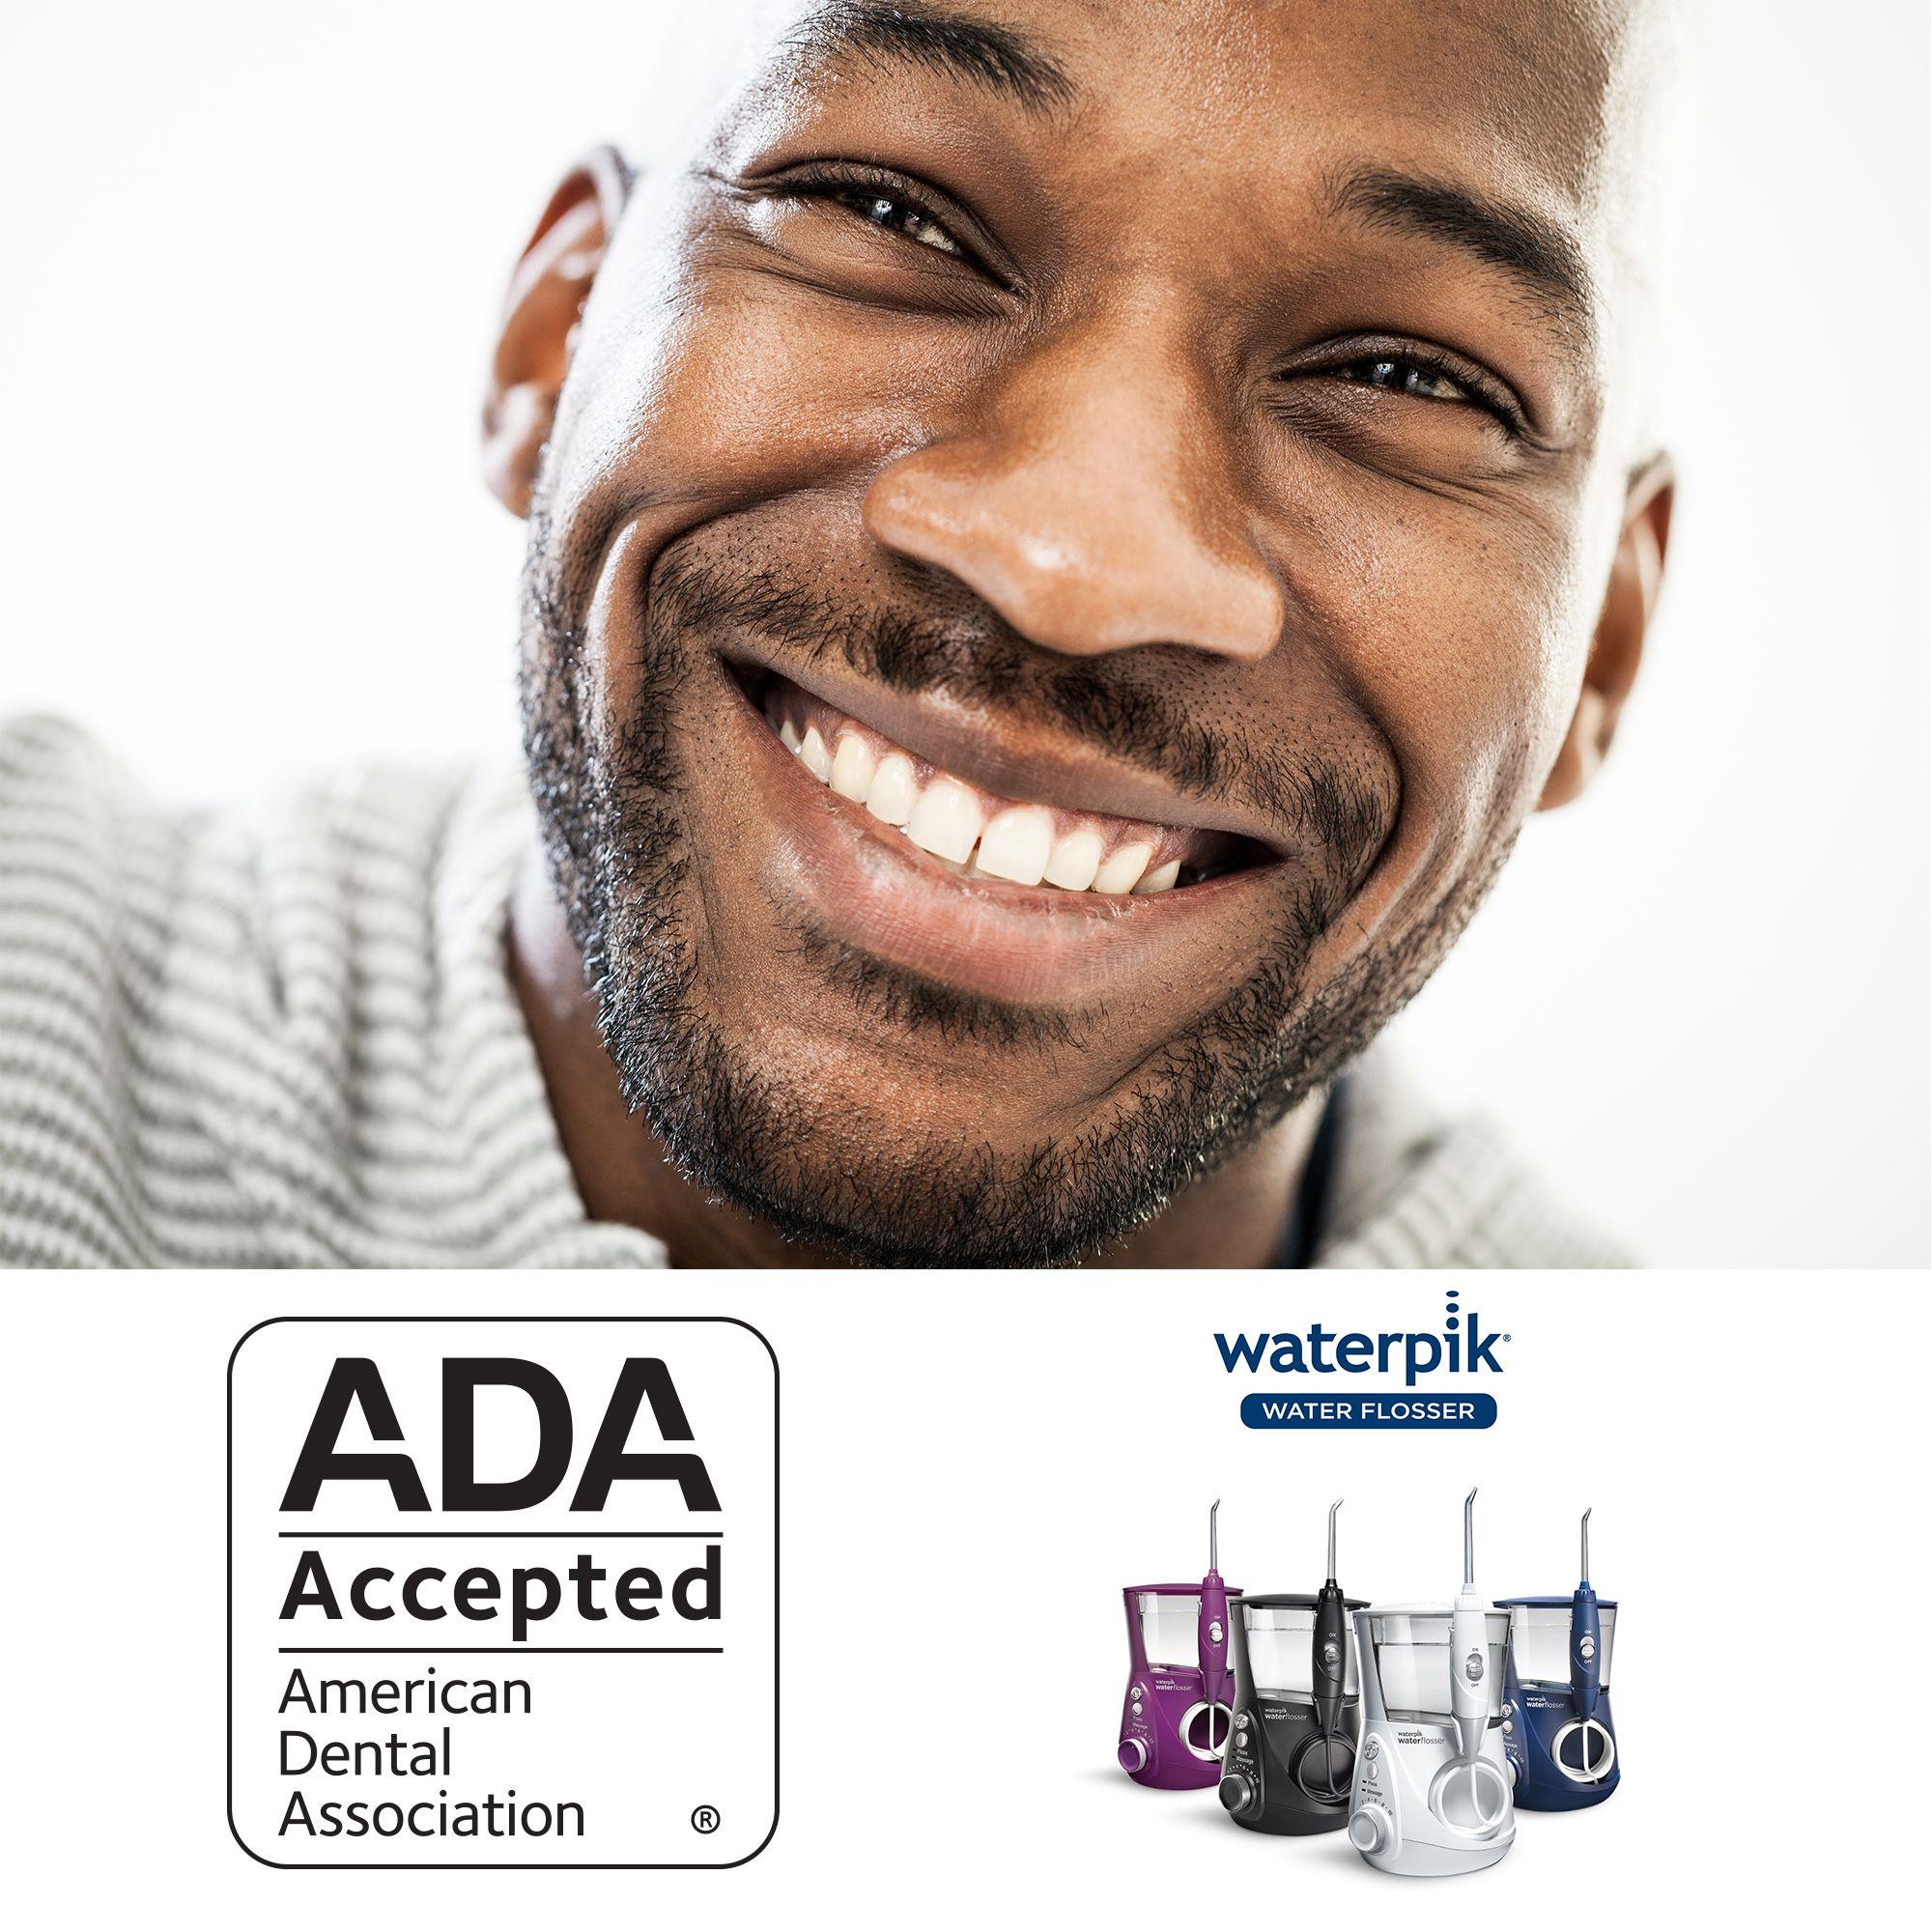 Waterpik® Water Flosser Earns The American Dental